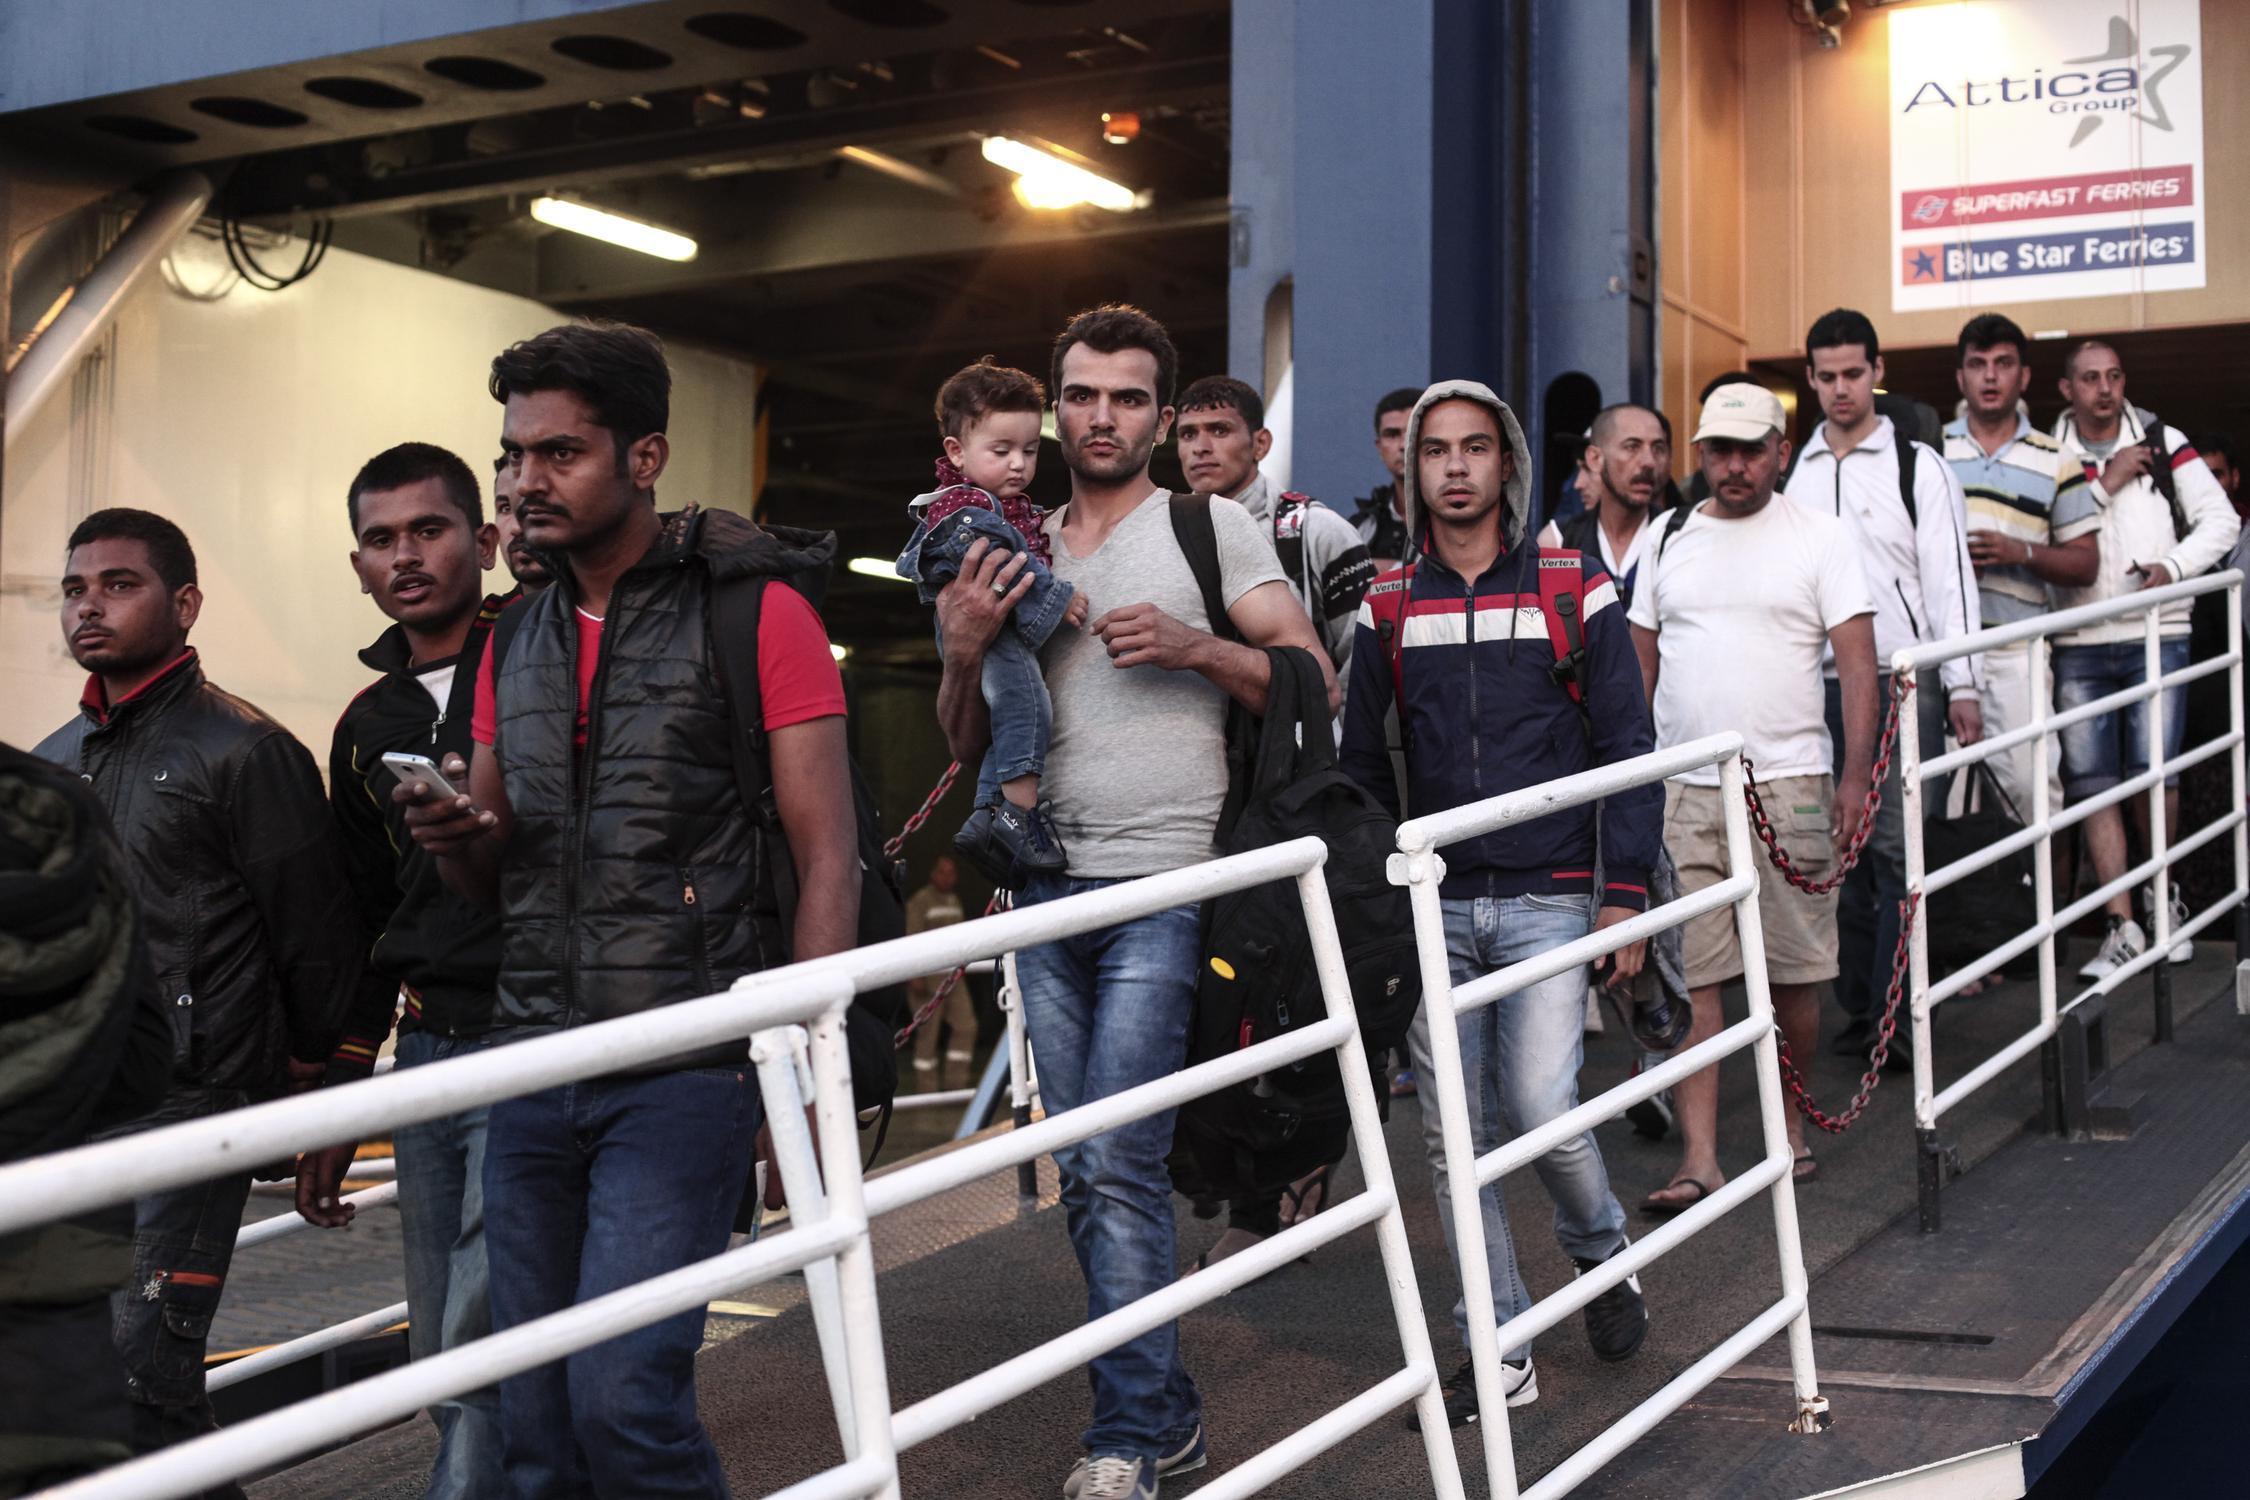 Σύσκεψη στη Γενική Γραμματεία Αιγαίου για το μεταναστευτικό